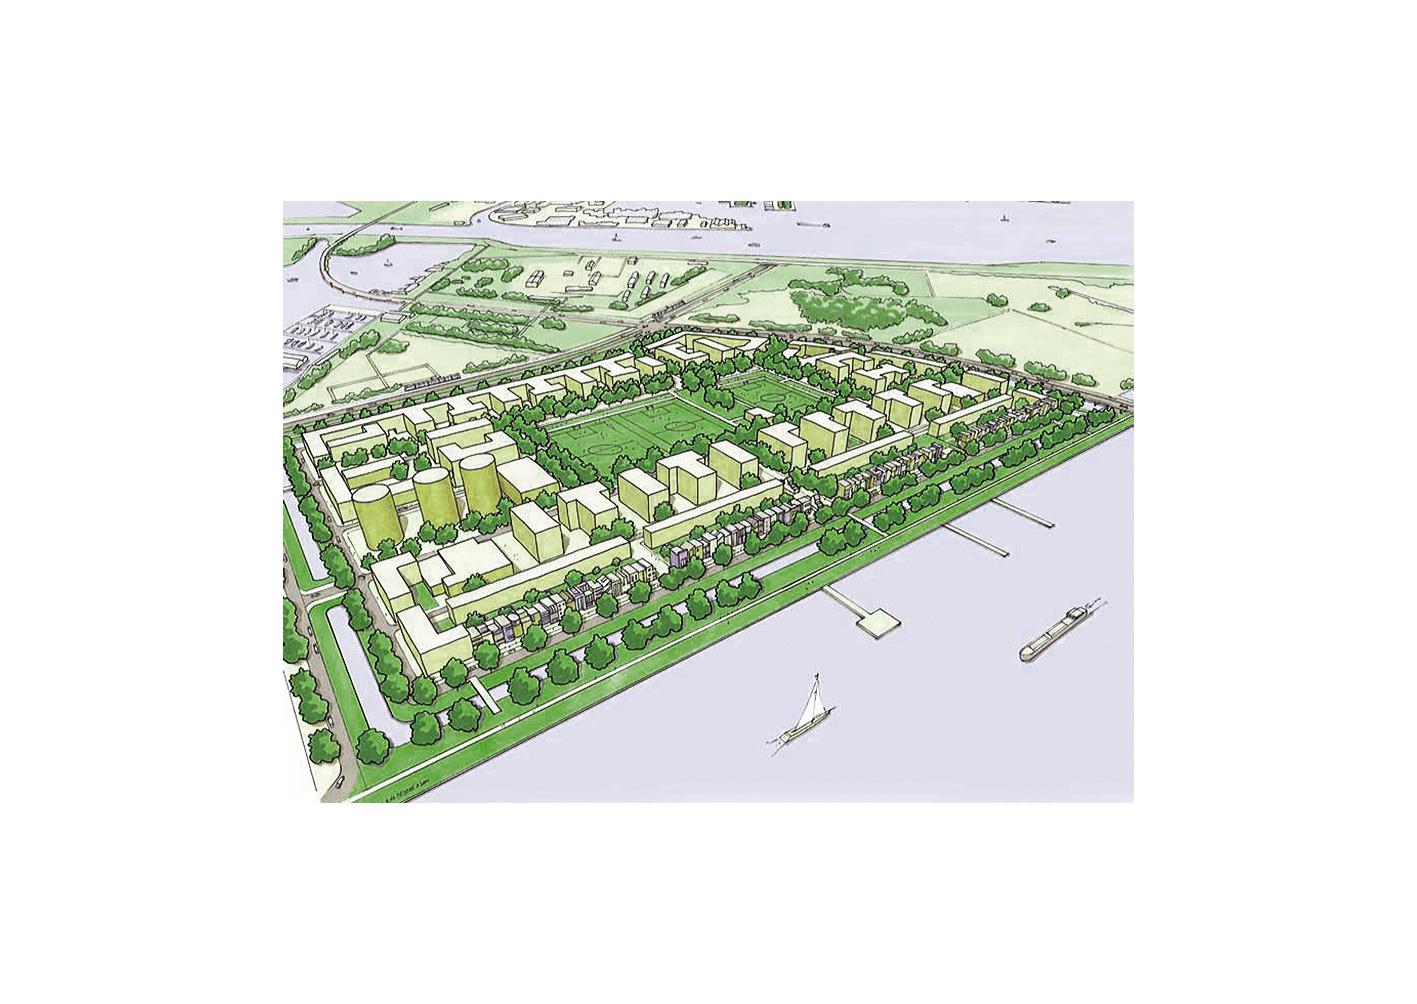 Zeeburgereiland PO zelfbouw kavel atelier PUUUR grondgebonden woning